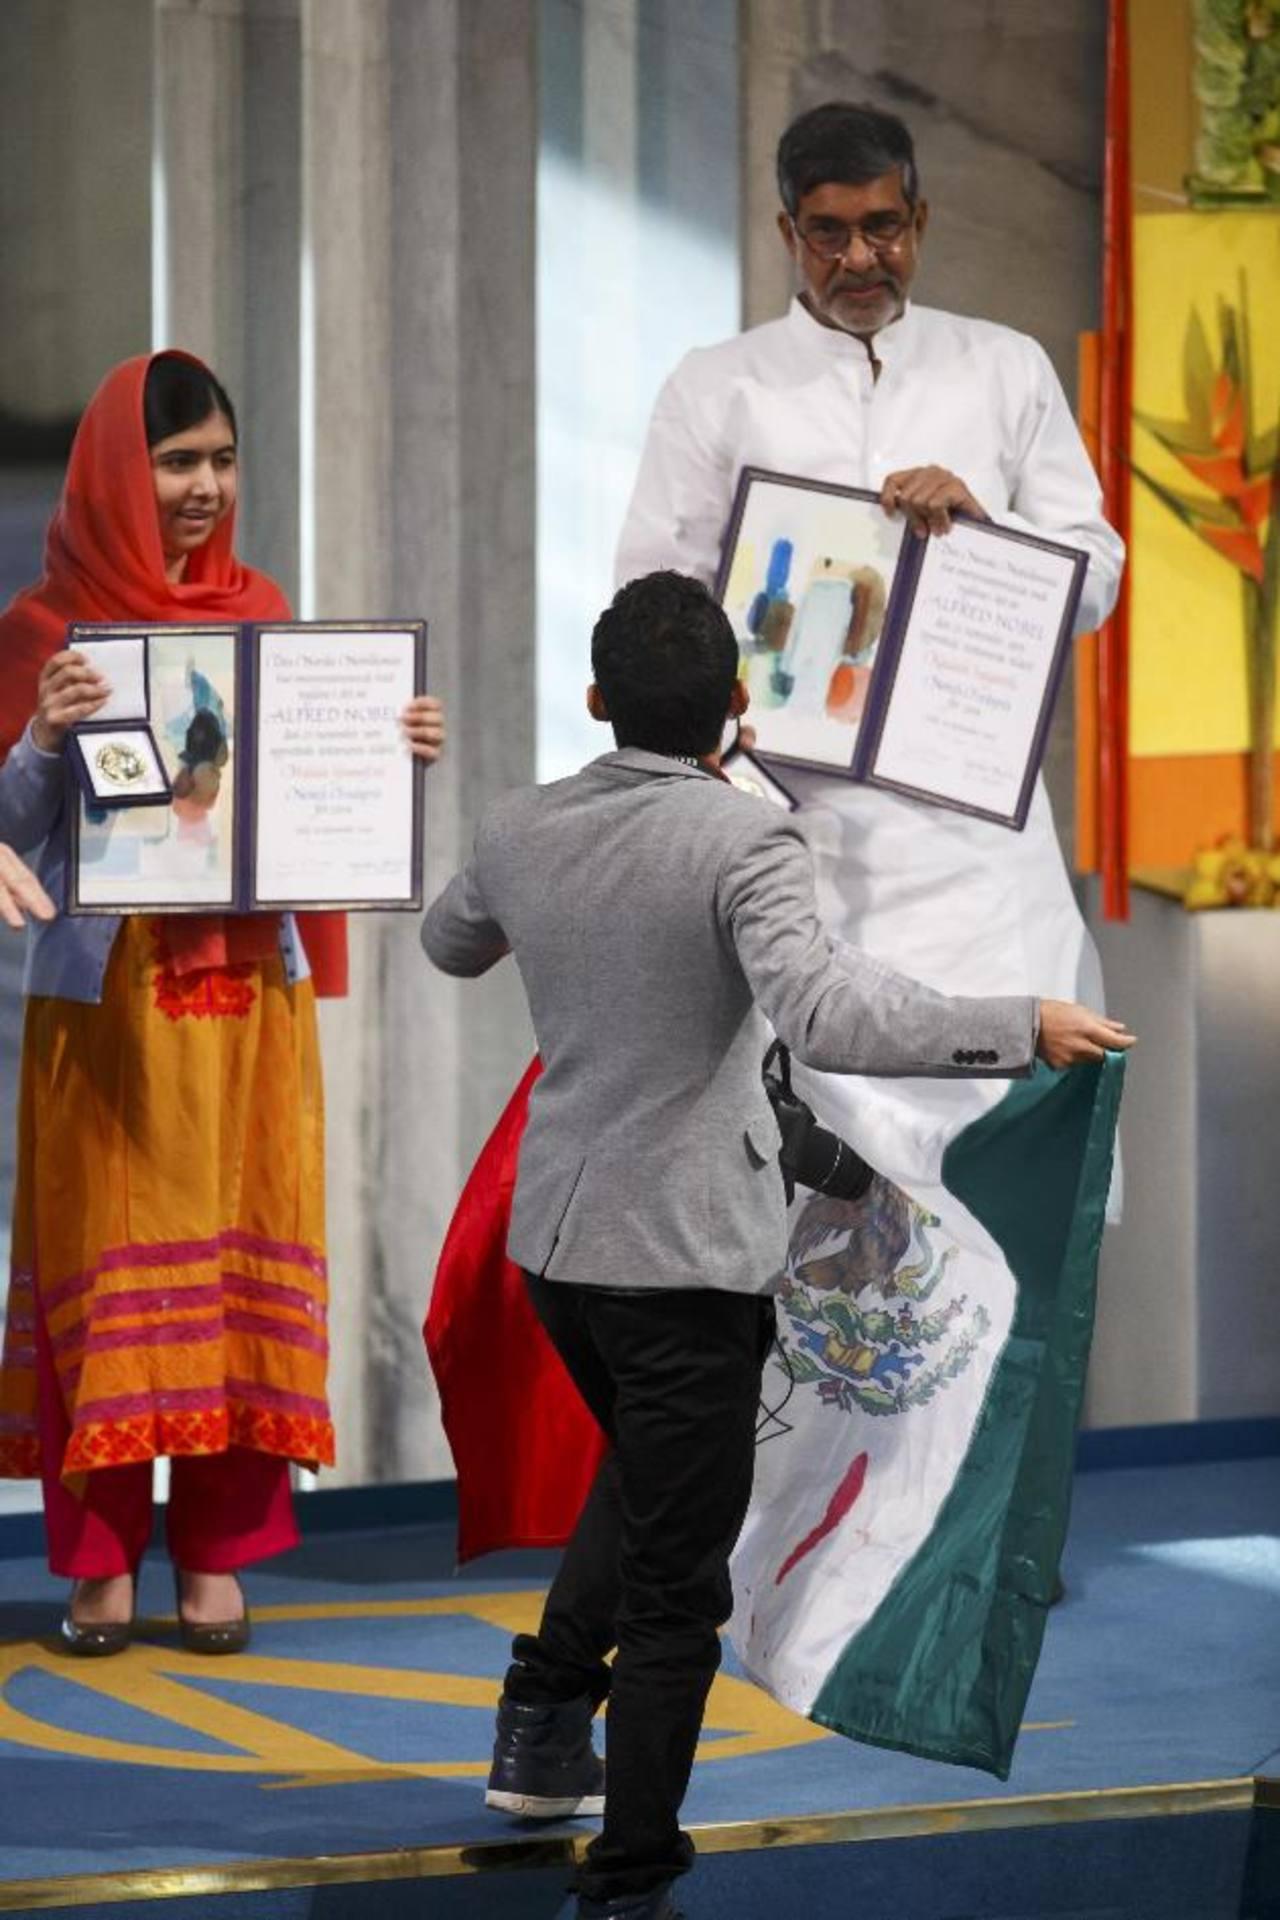 Momento en el que Malala y Satyarthi reciben el premio e interrumpe el mexicano.